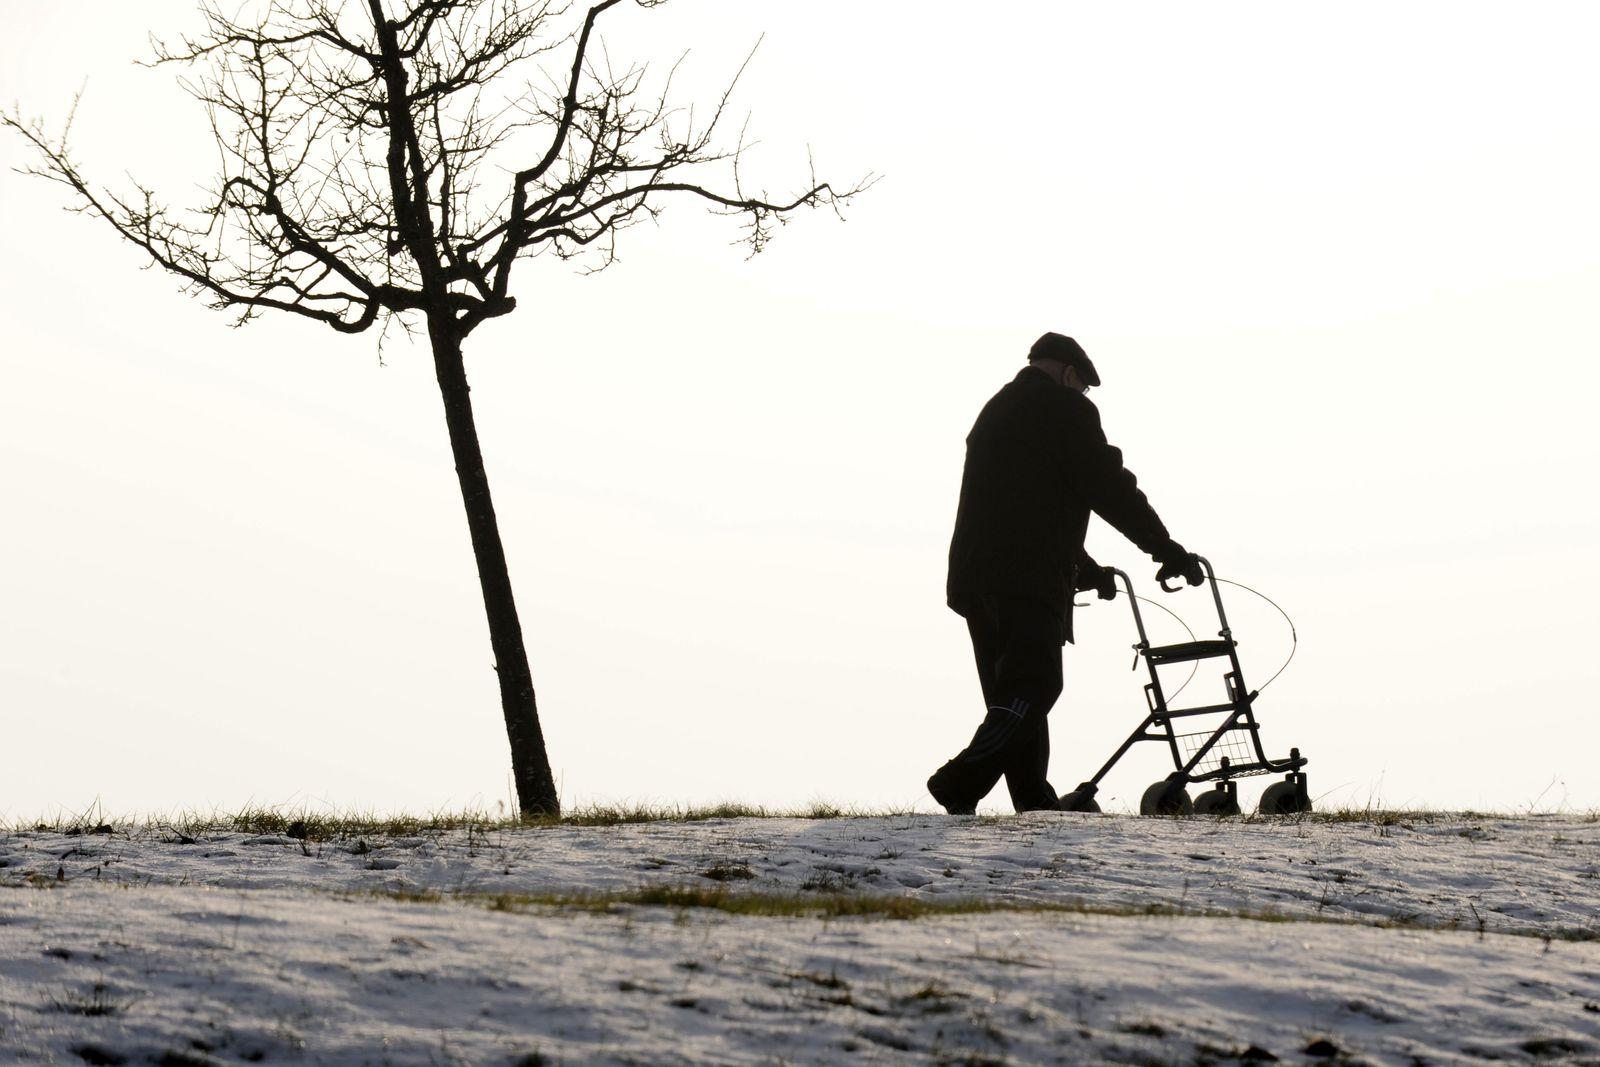 NICHT VERWENDEN Gehhilfe Alter